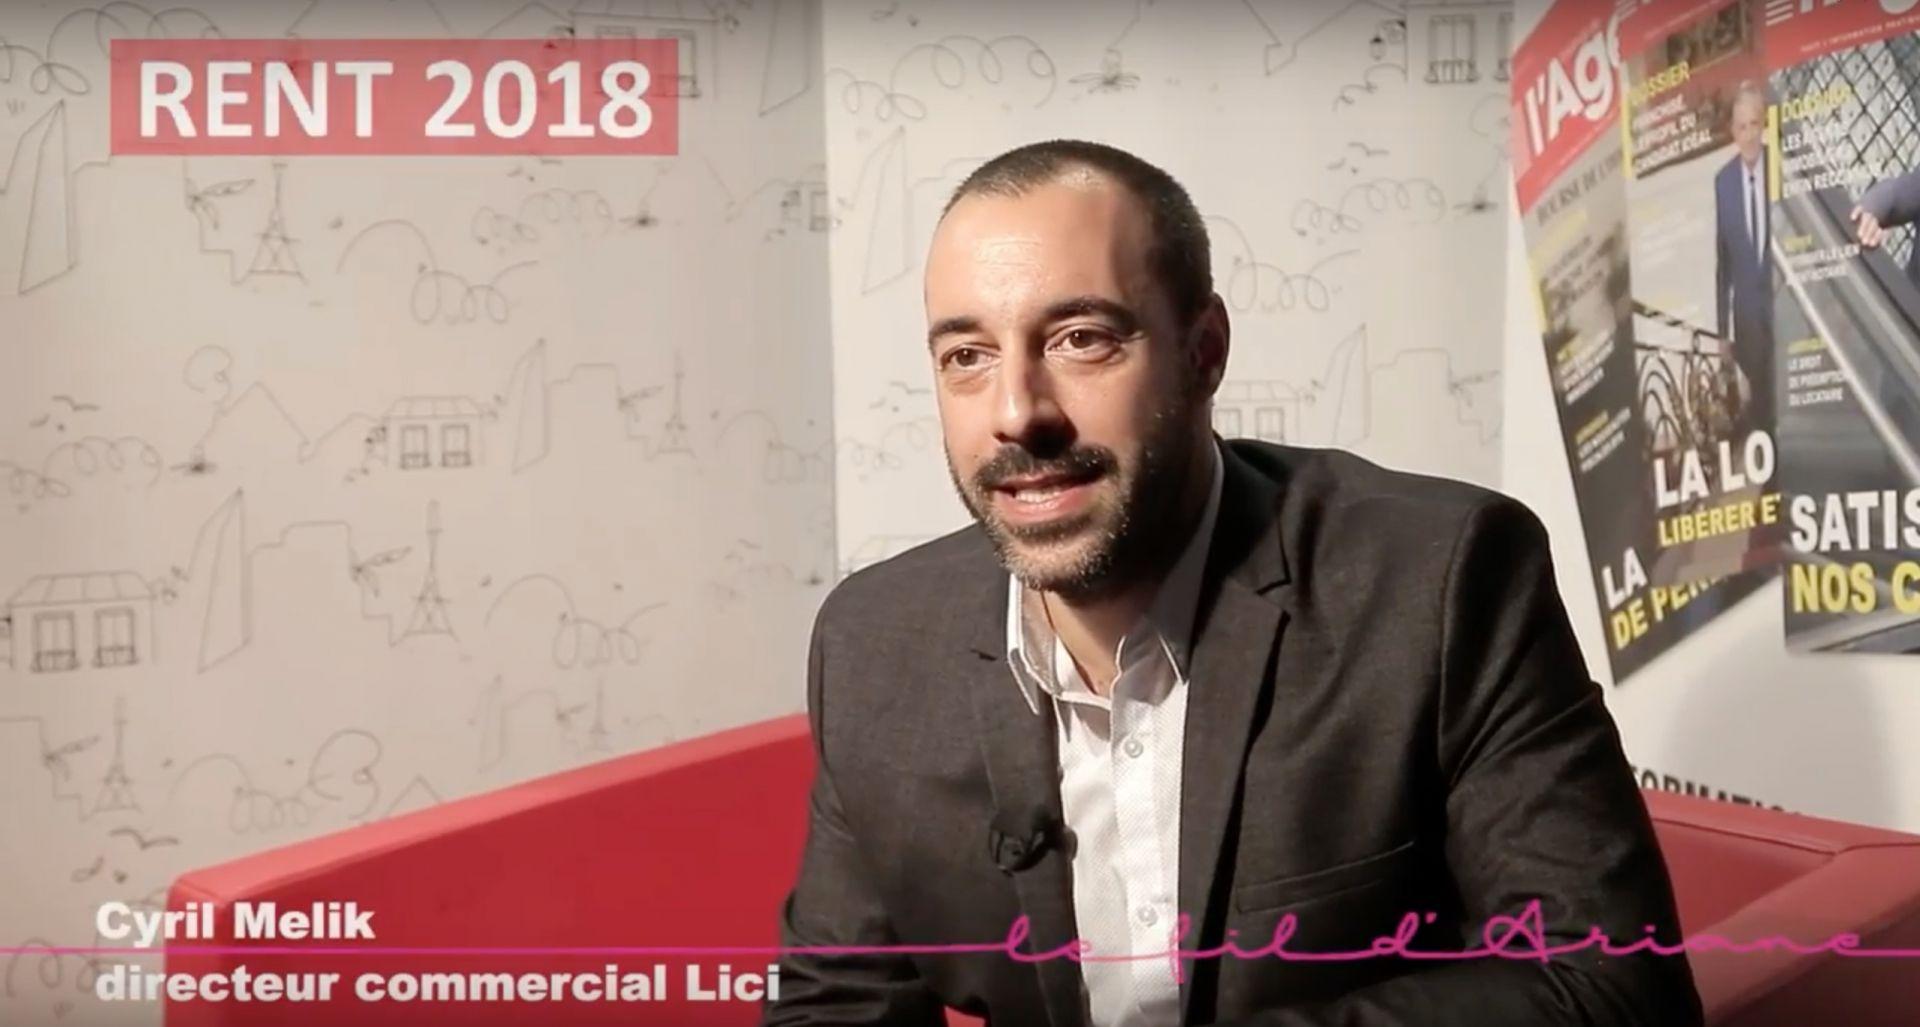 RENT 2018 : Cyril Melik présente l'appli  de partage de mandats Lici !